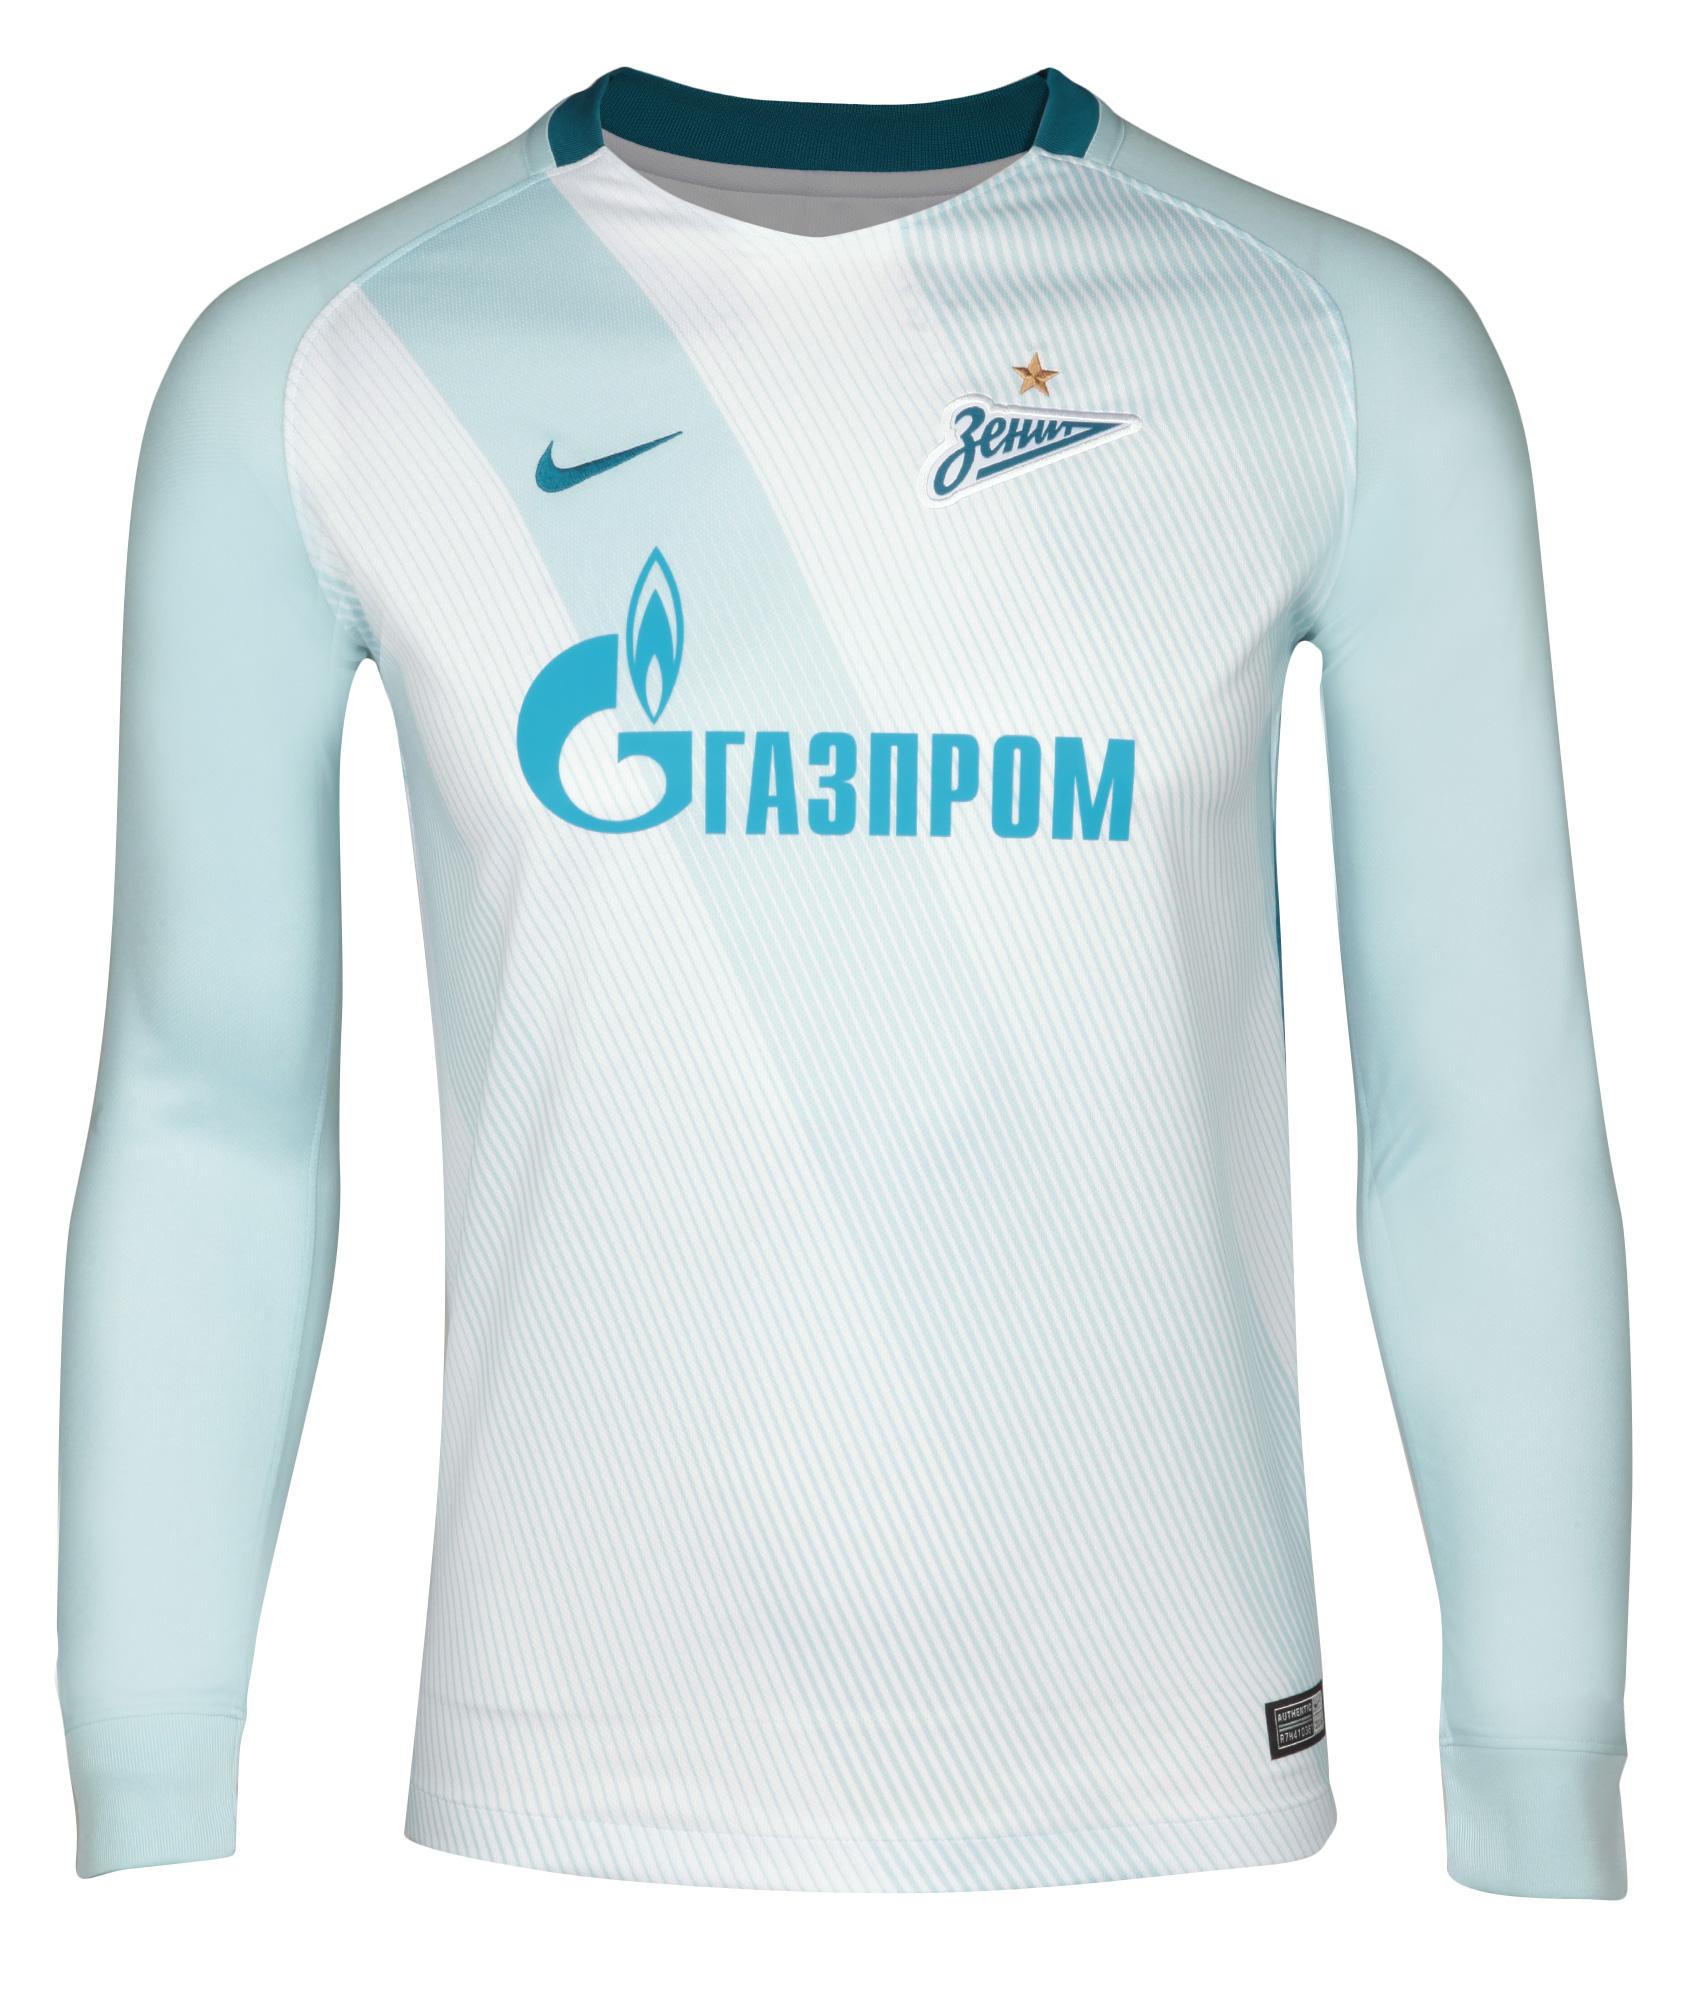 Футболка оригинальная выездная подростковая Nike Nike Цвет-Белый ostin толстовка с камуфляжным принтом